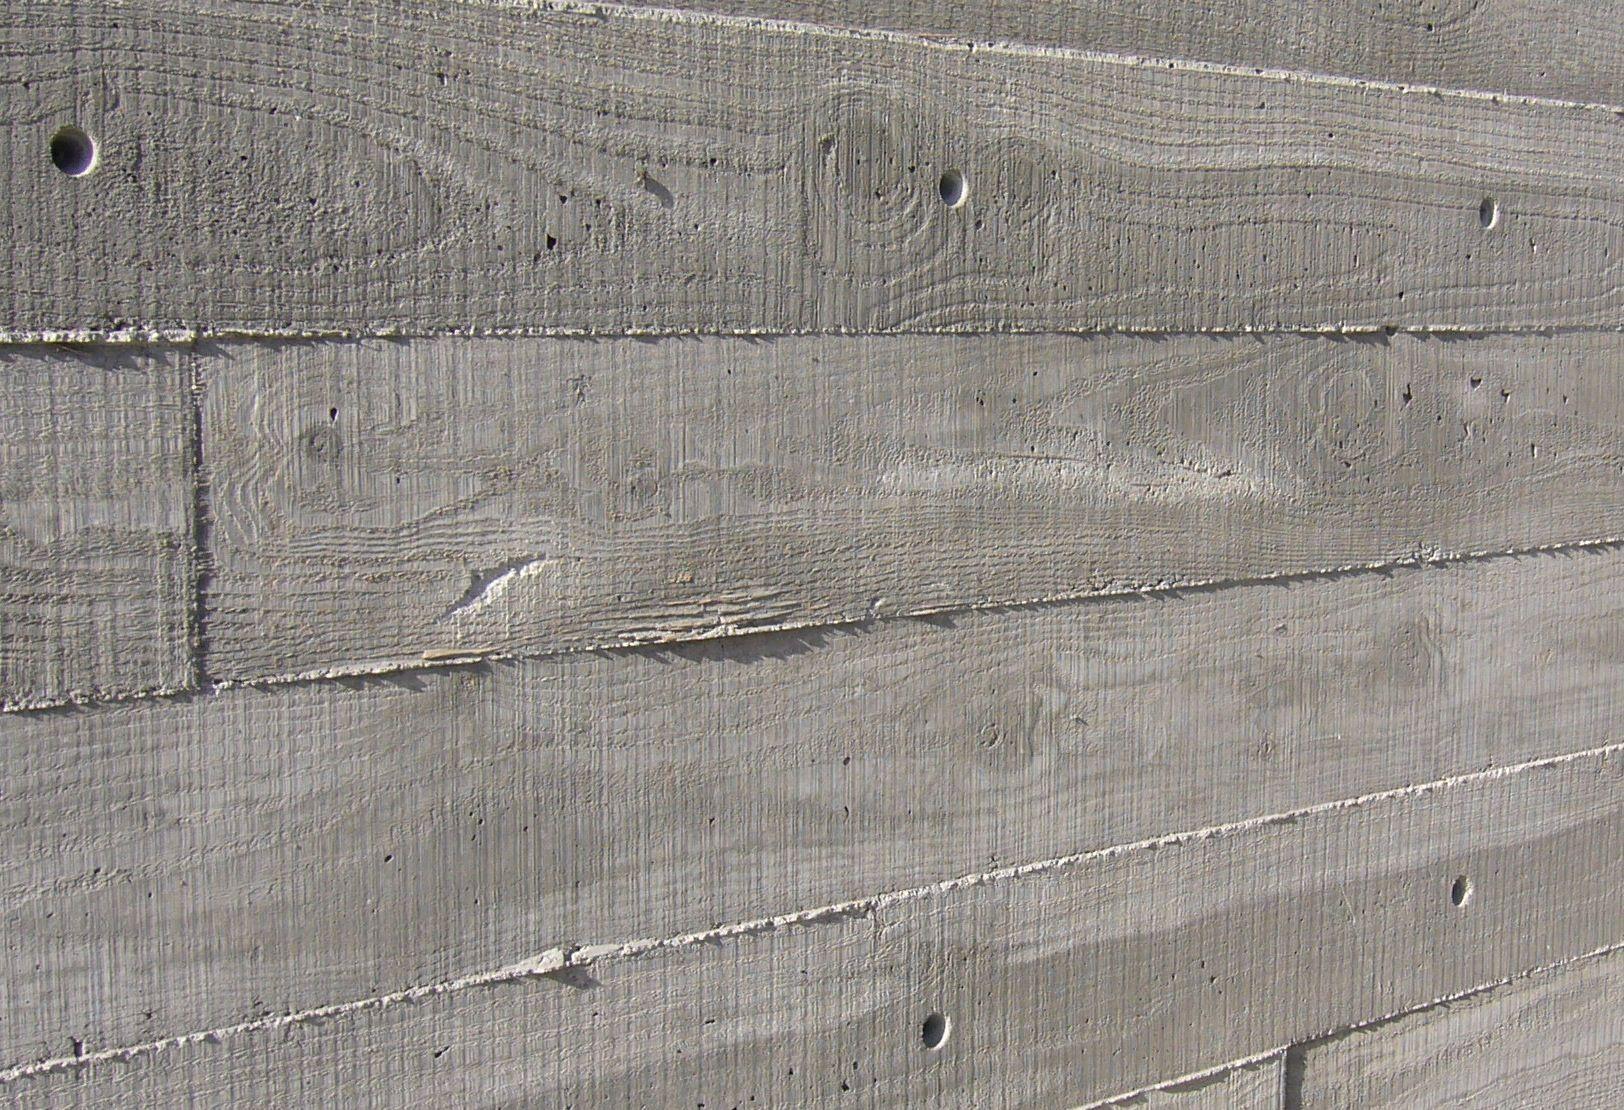 Timber Formwork Concrete Finish Concrete Formwork Concrete Texture Concrete Cladding